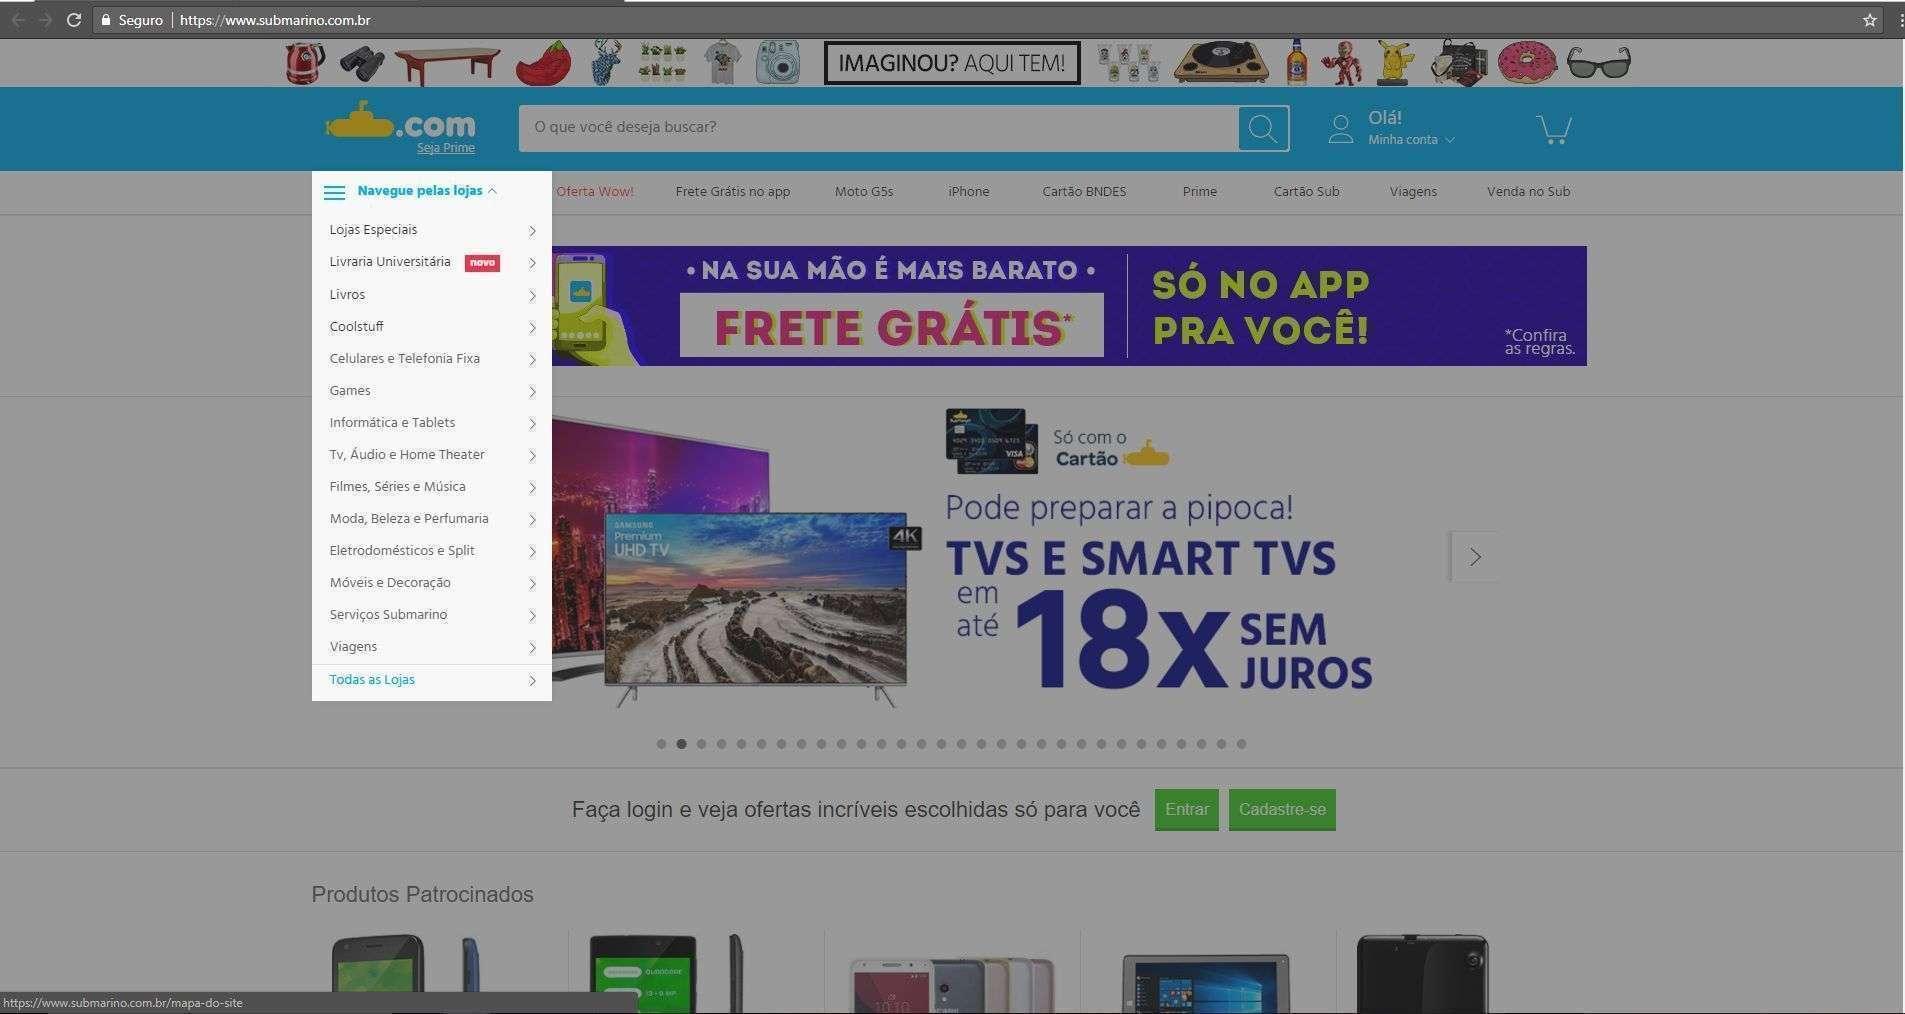 Homepage e-commerce Submarino